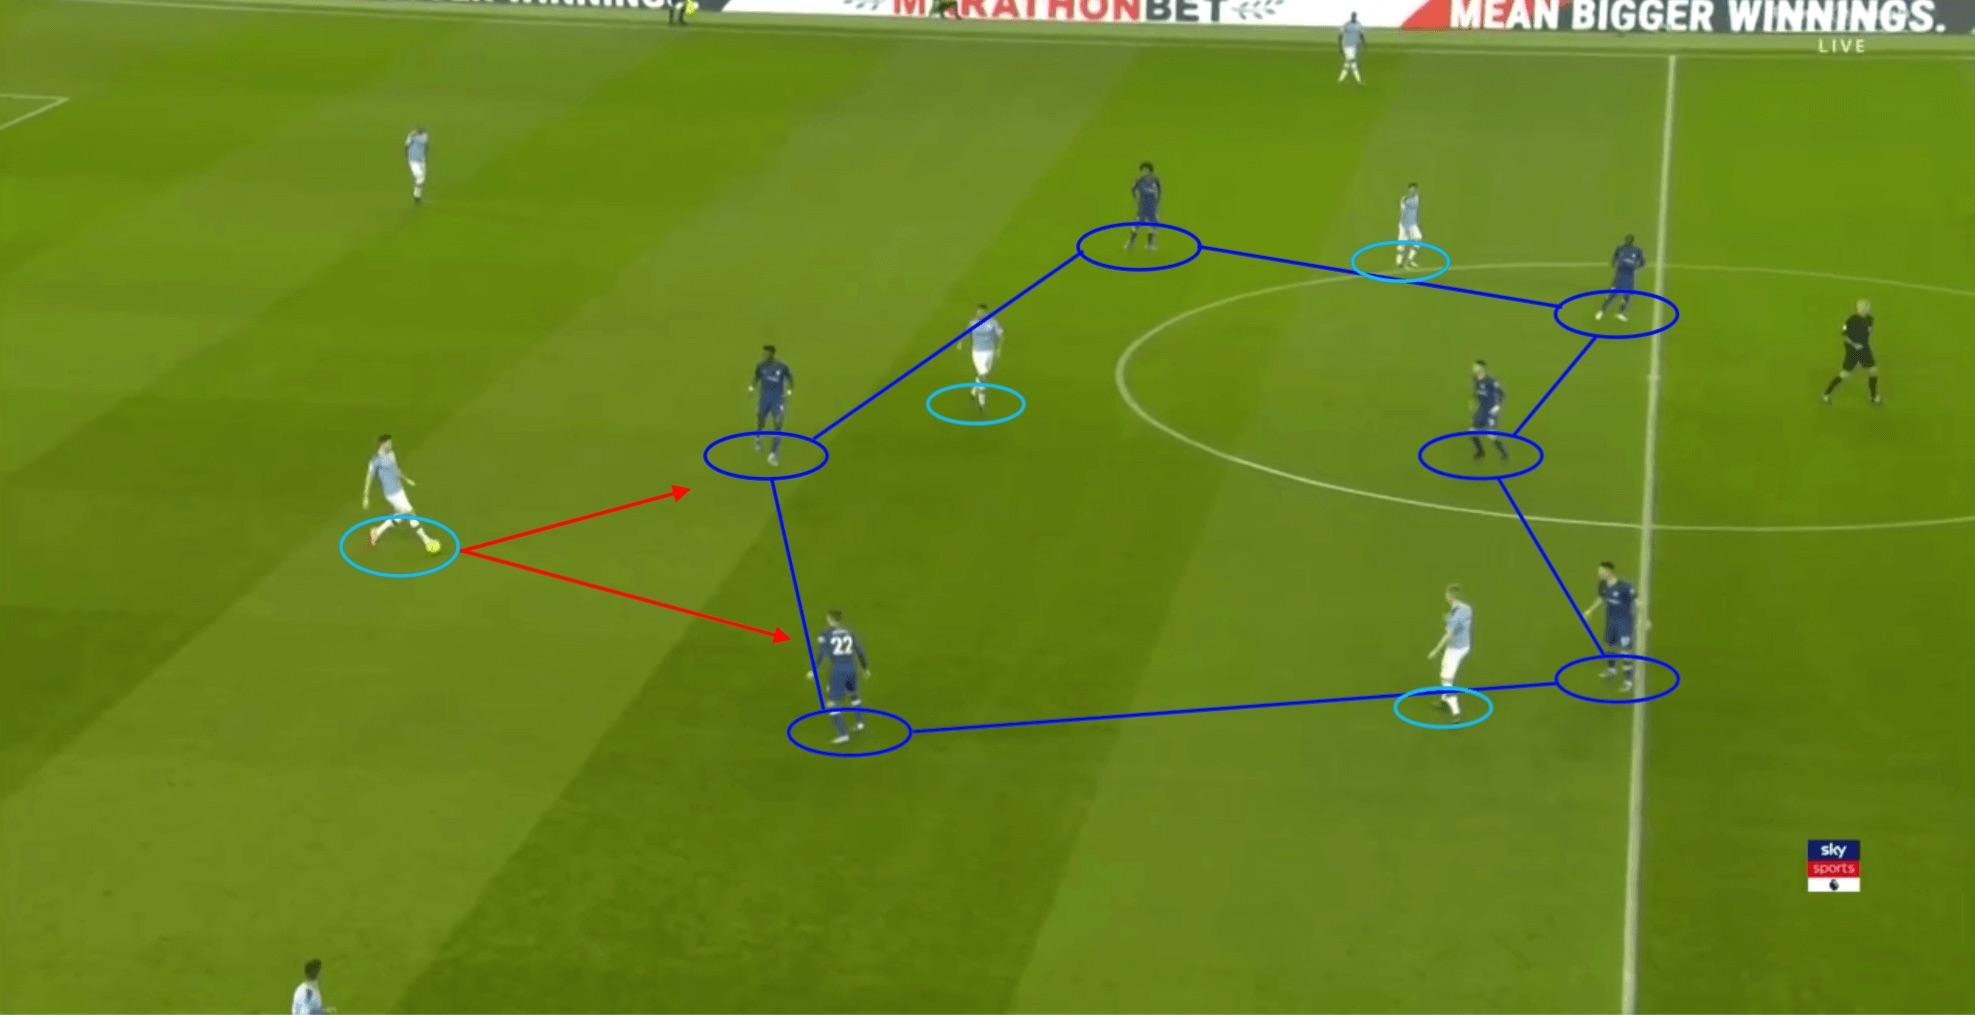 Premier League 2019/20: Man City vs Chelsea - tactical analysis tactics